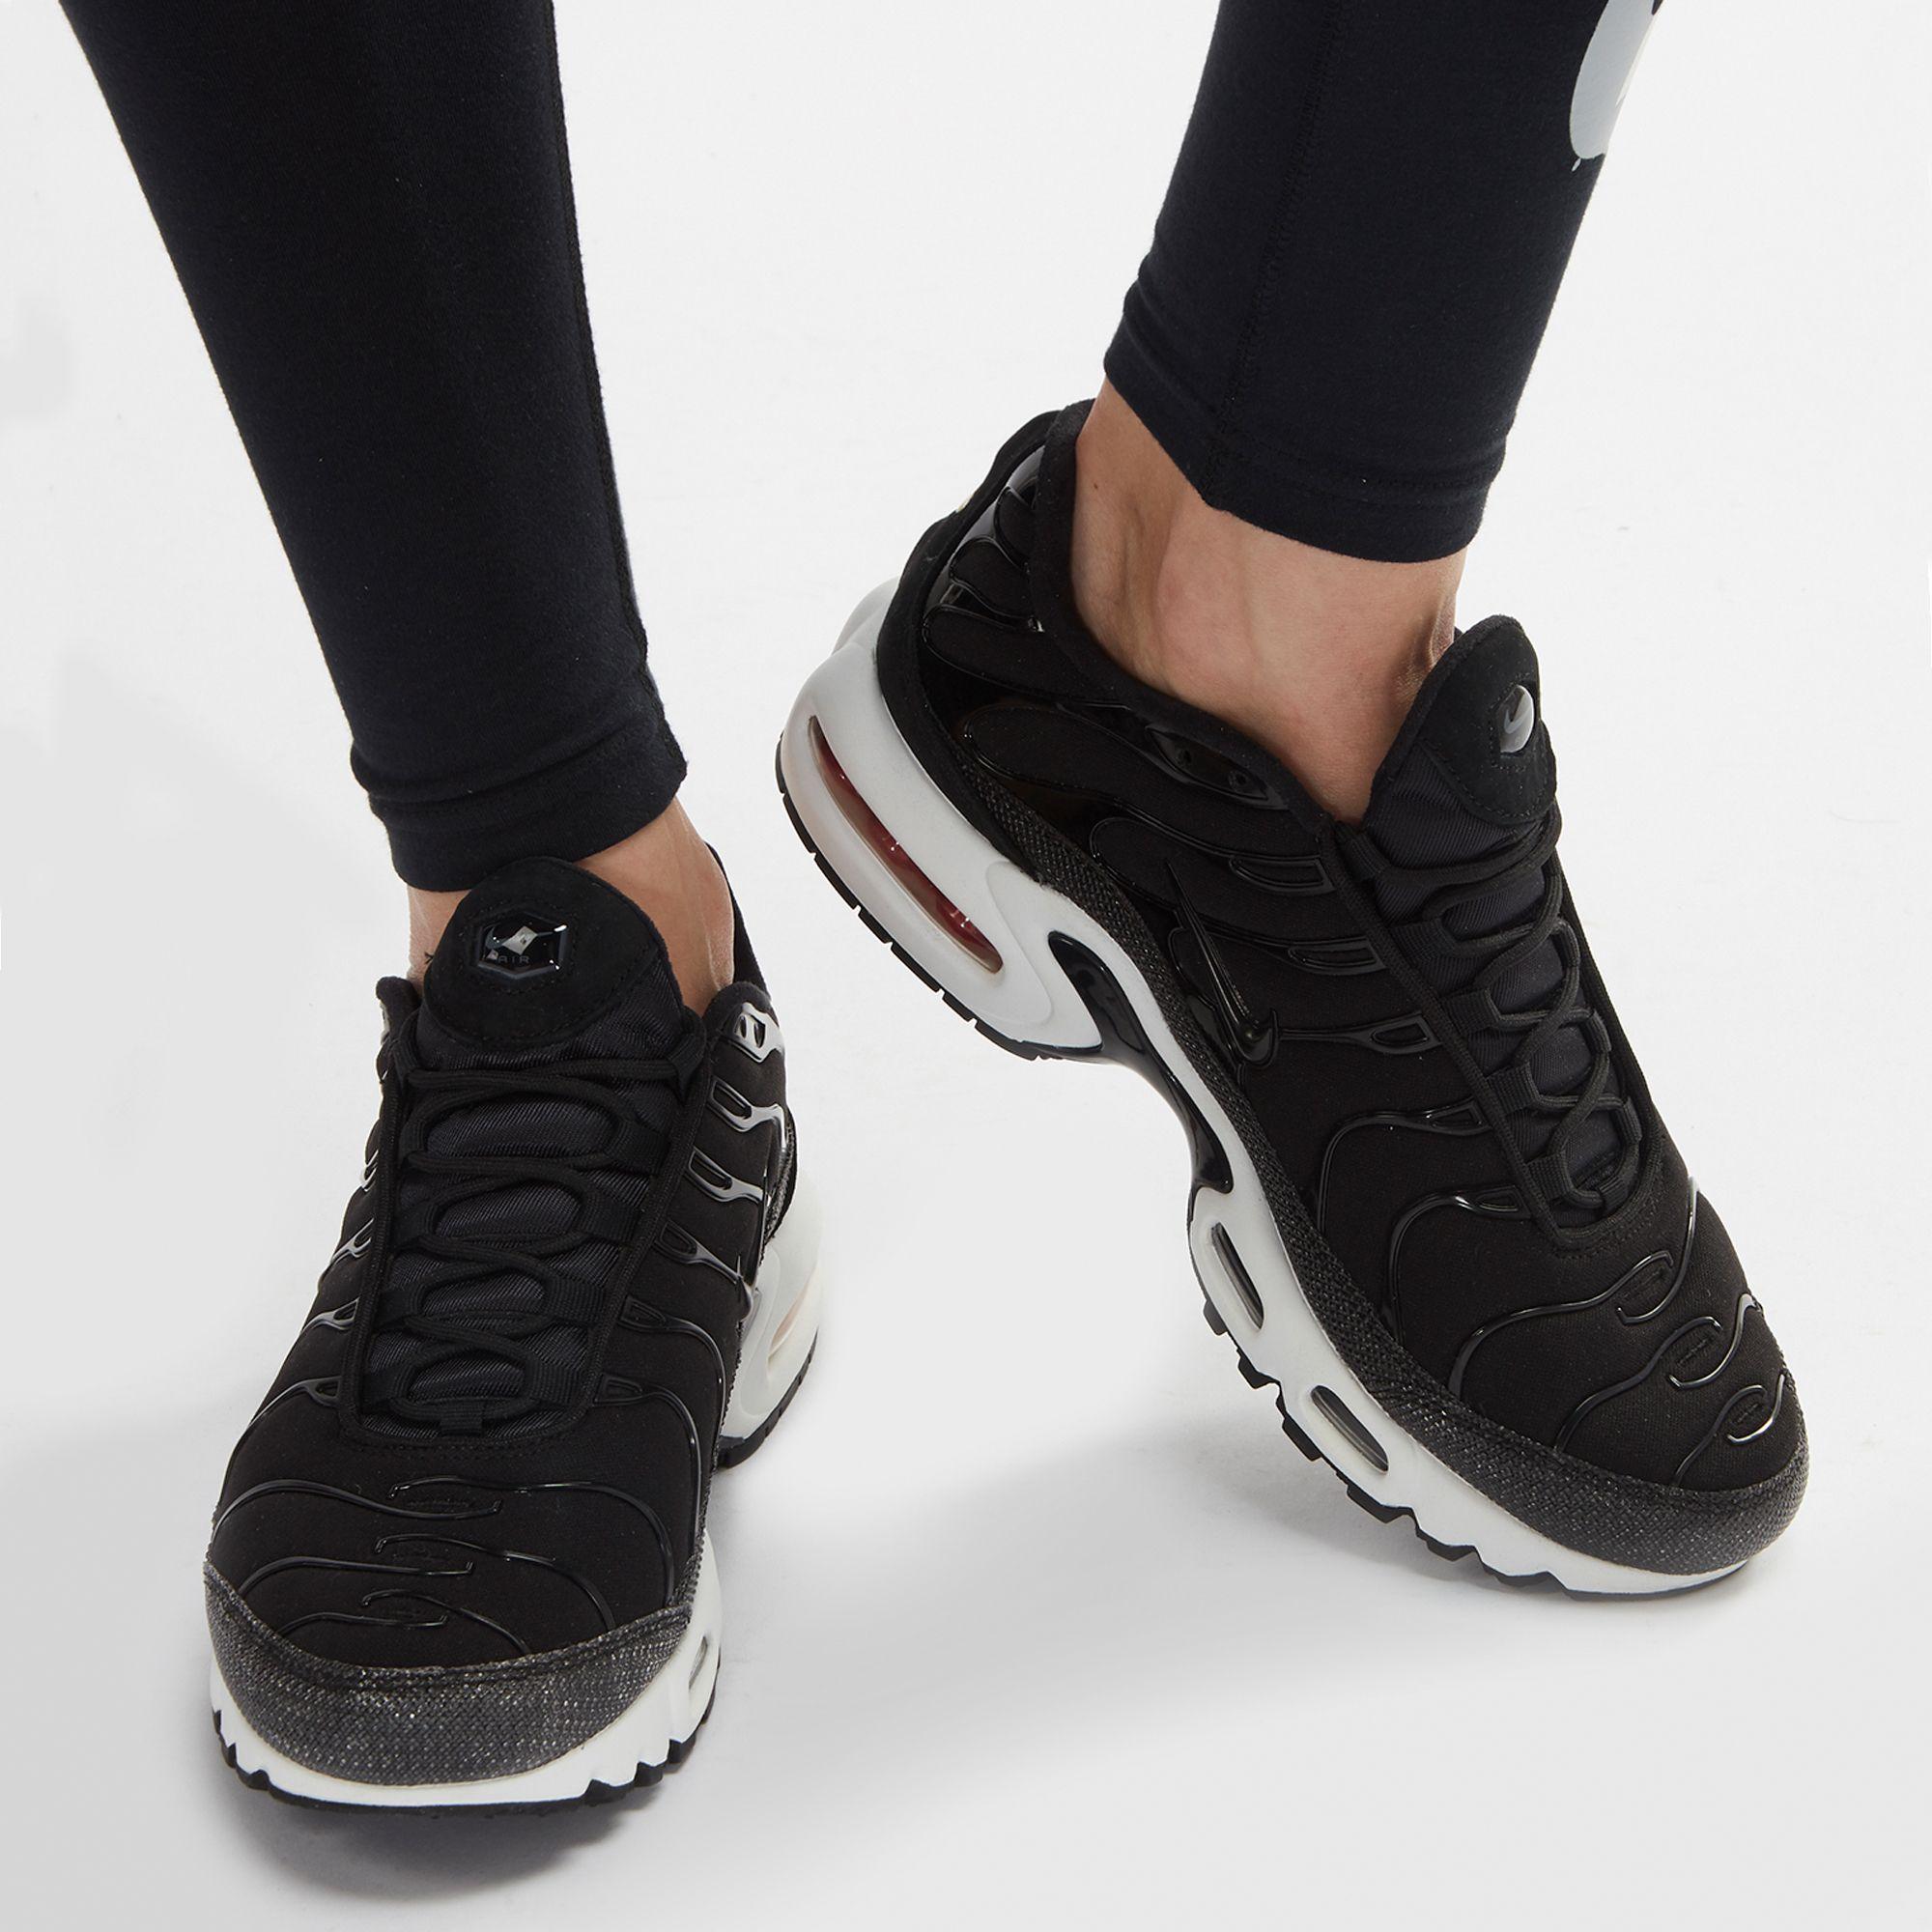 c658b8a4c1 ... low price nike air max plus tn premium shoe 5e48c 17470